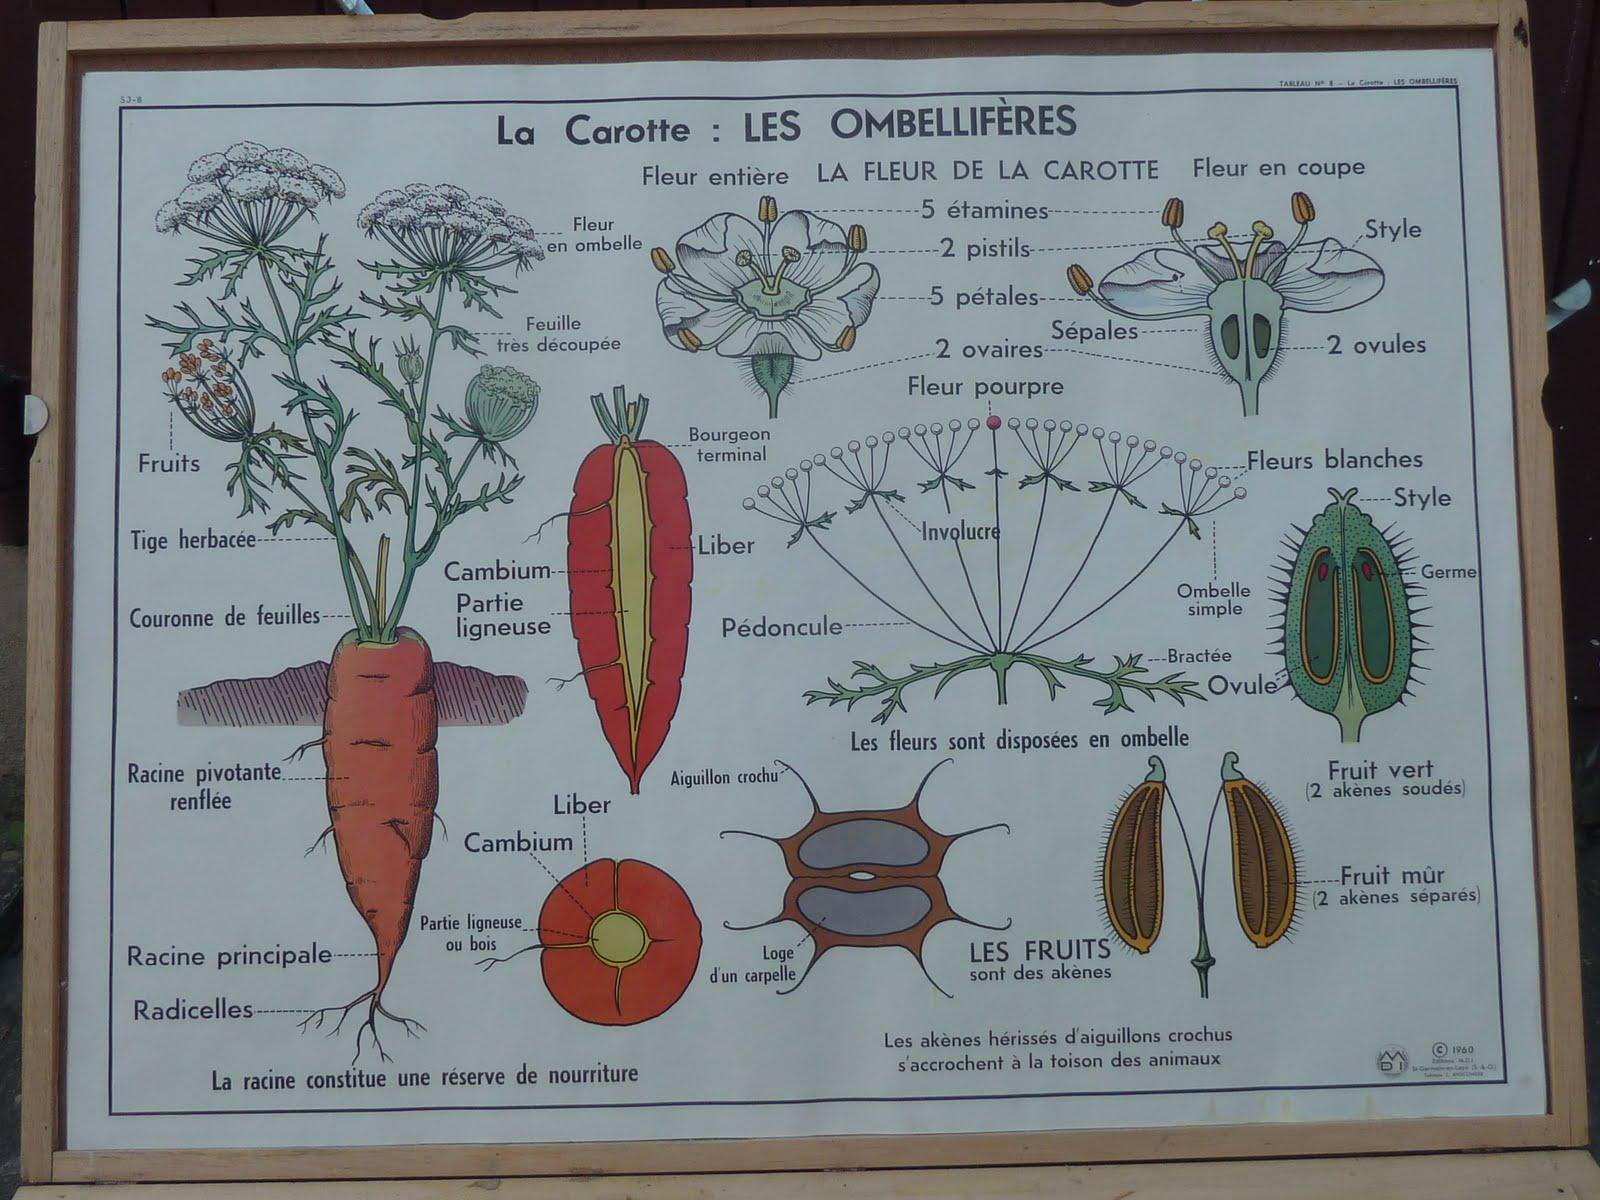 ecole fmr 1000 affiches scolaires fruit cerise legume carotte affiche scolaire maison des. Black Bedroom Furniture Sets. Home Design Ideas